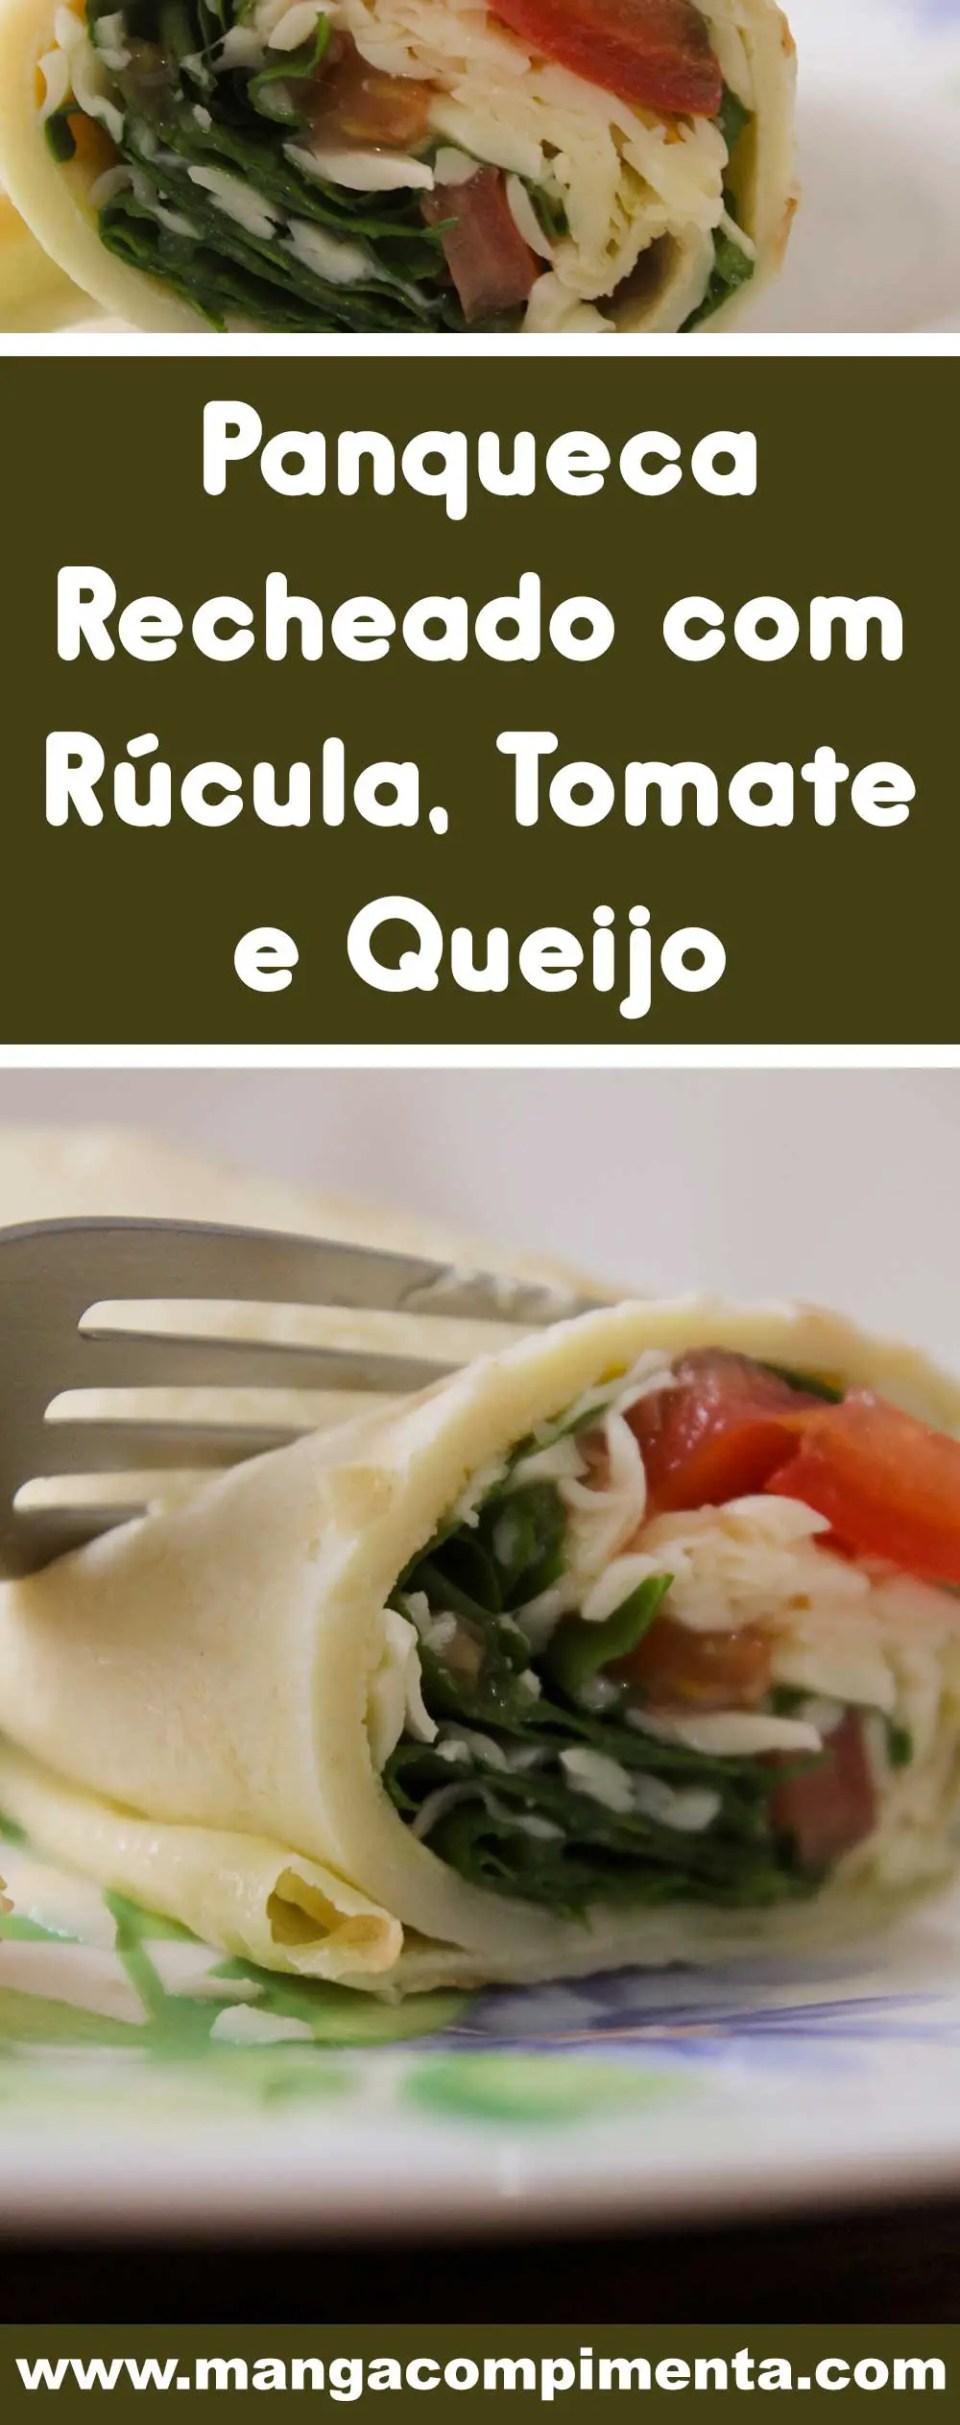 Receita de Panqueca Recheada com Rúcula, Tomate e Queijo - um almoço leve e com muito sabor!